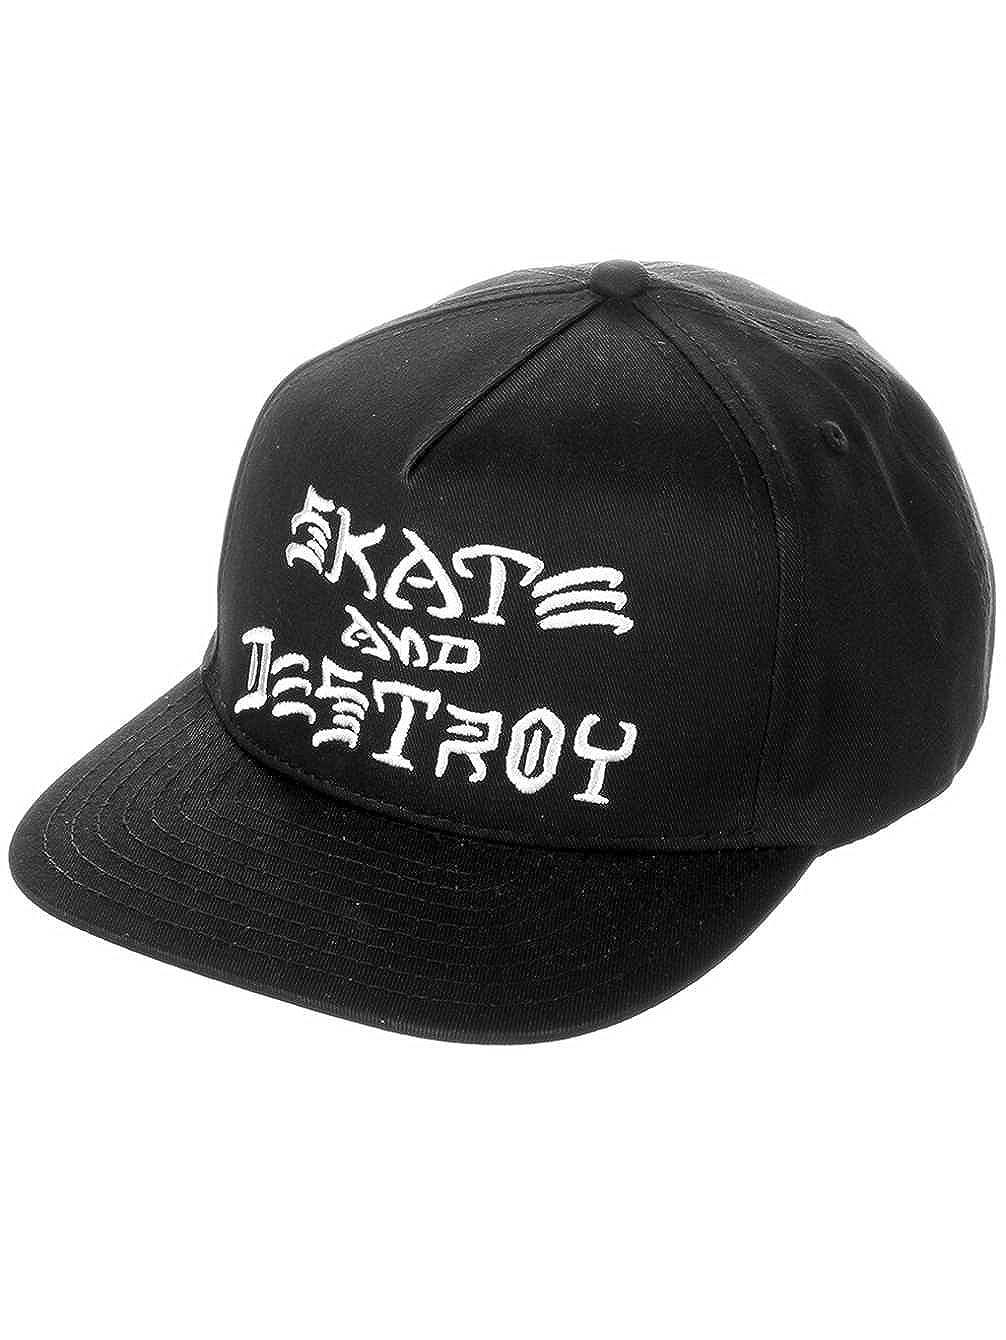 Thrasher Skate and Destroy Adjustable Skateboard Hat Cap (Black 3805f06fdc1